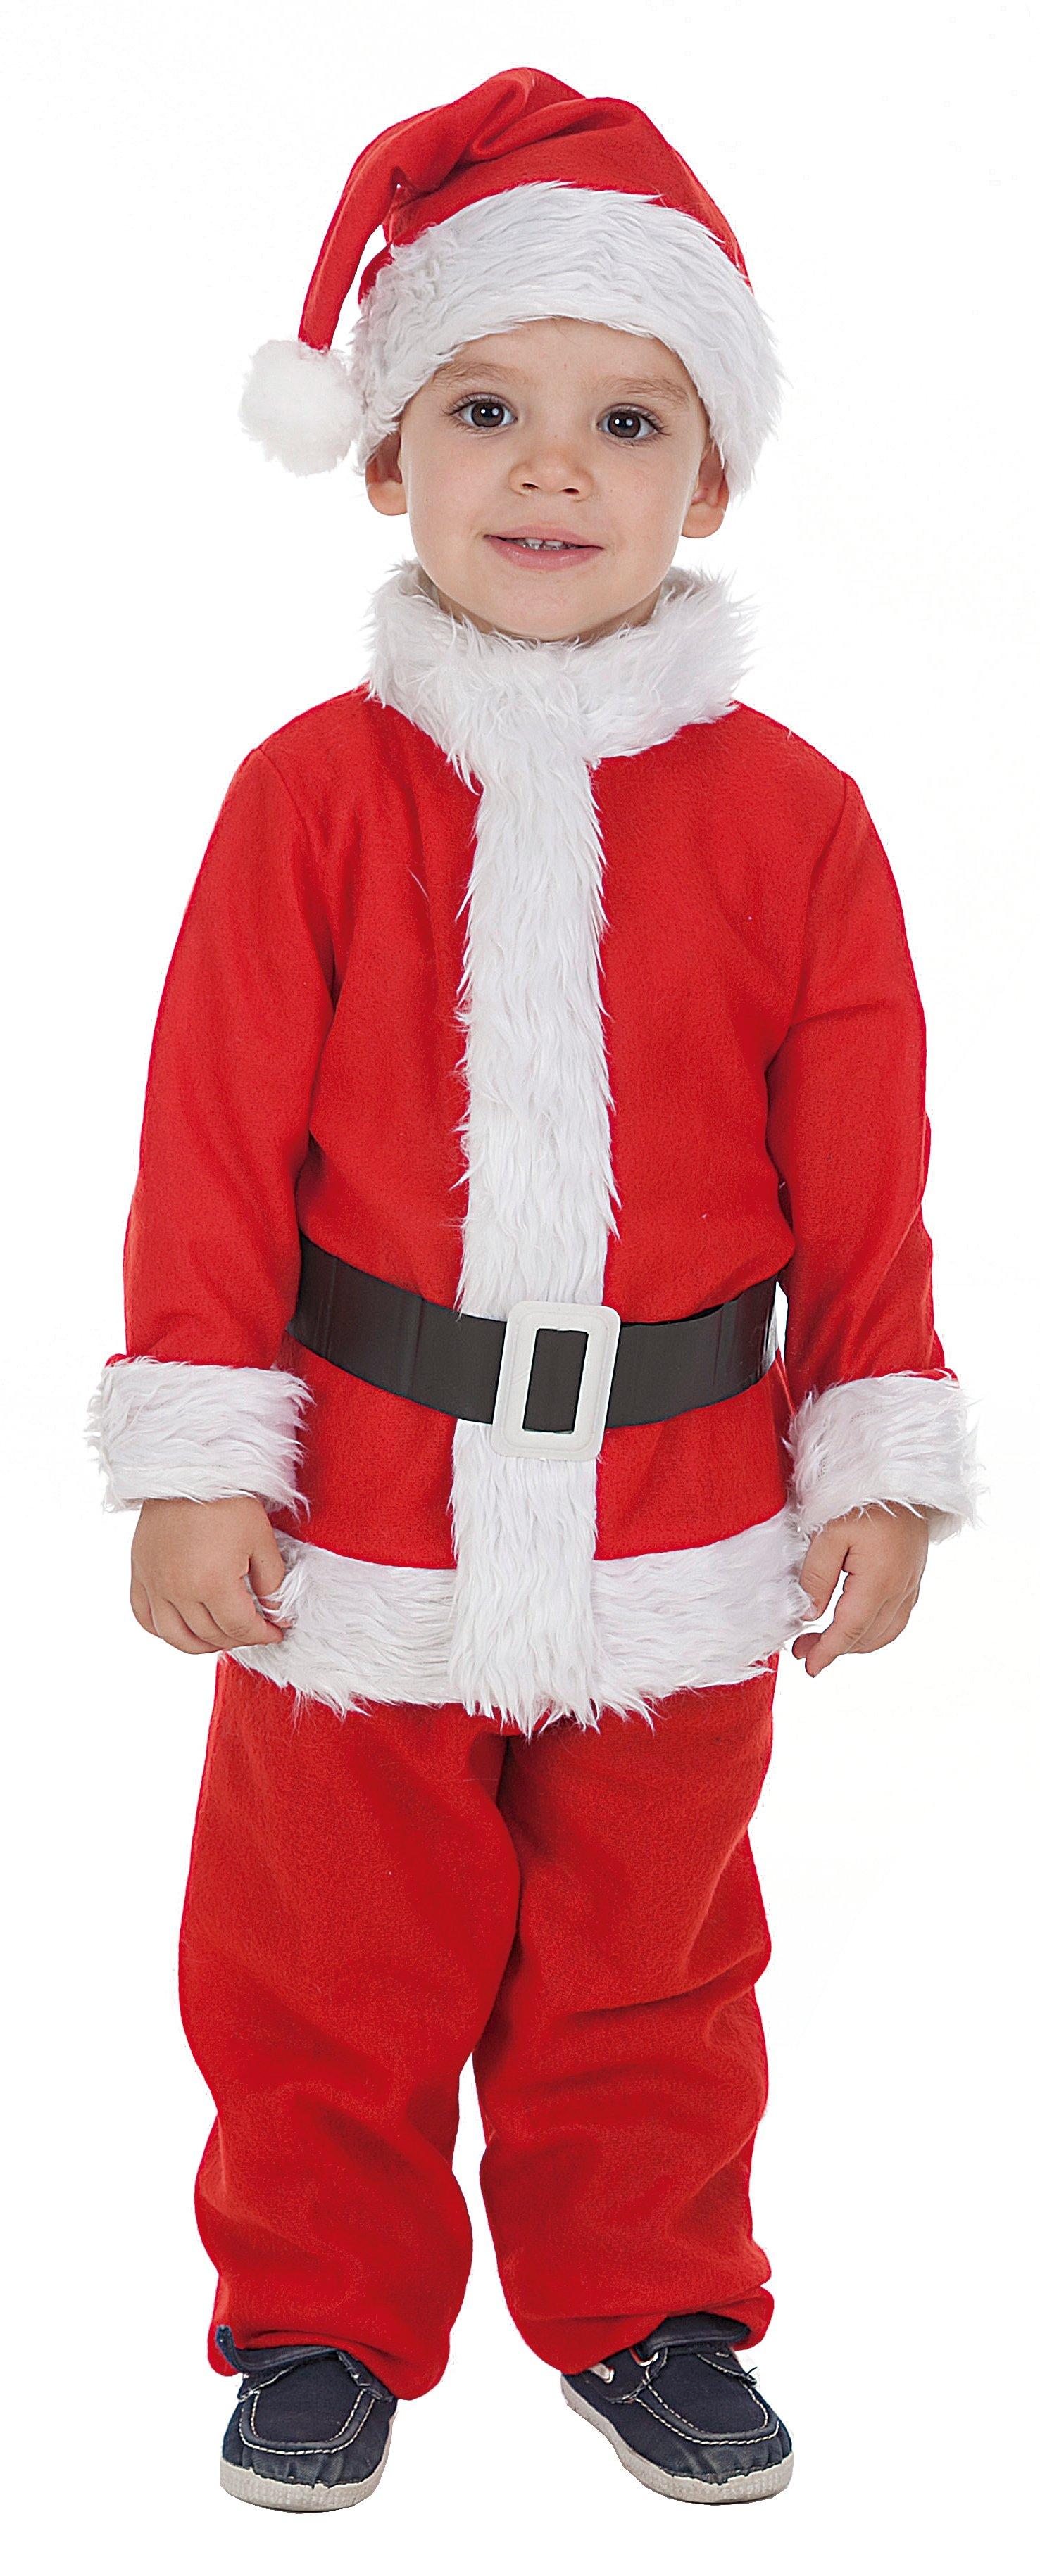 Disfraces de papa noel y navidad - Disfraz papa noel nino ...